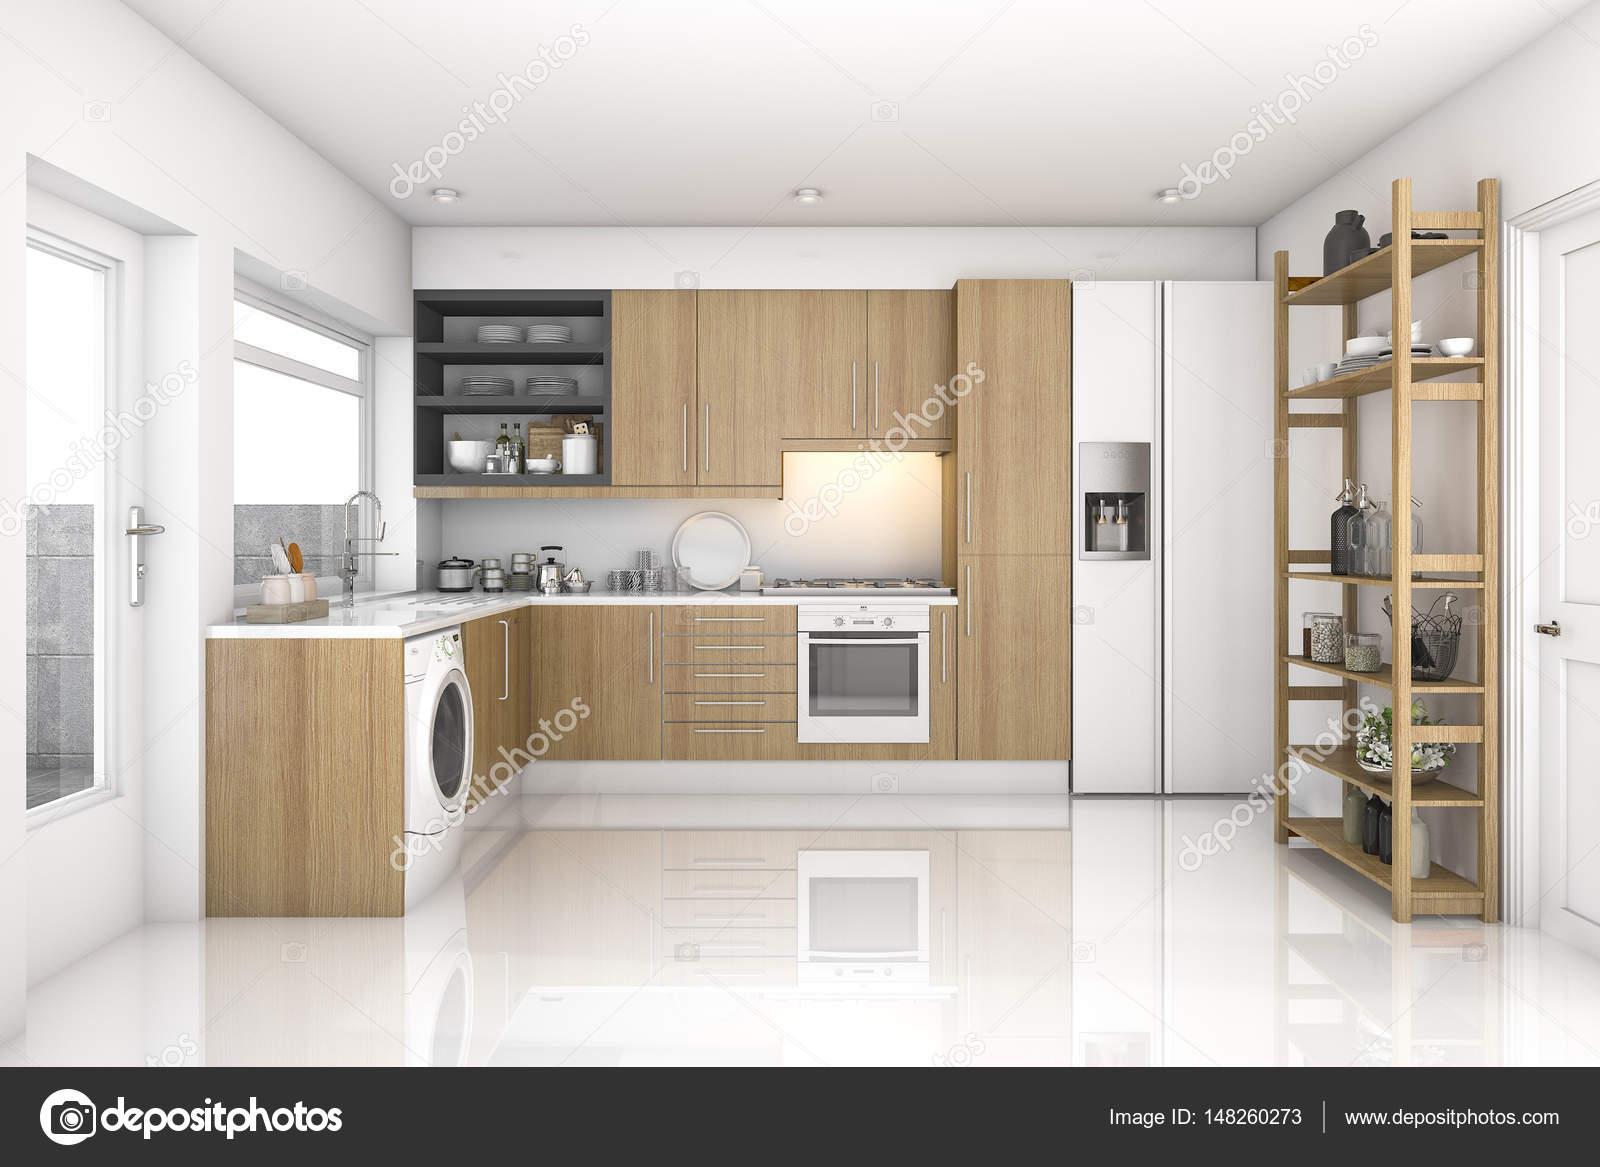 Cozinha E Sala De Madeira Moderna Lavandaria De Renderiza O 3d